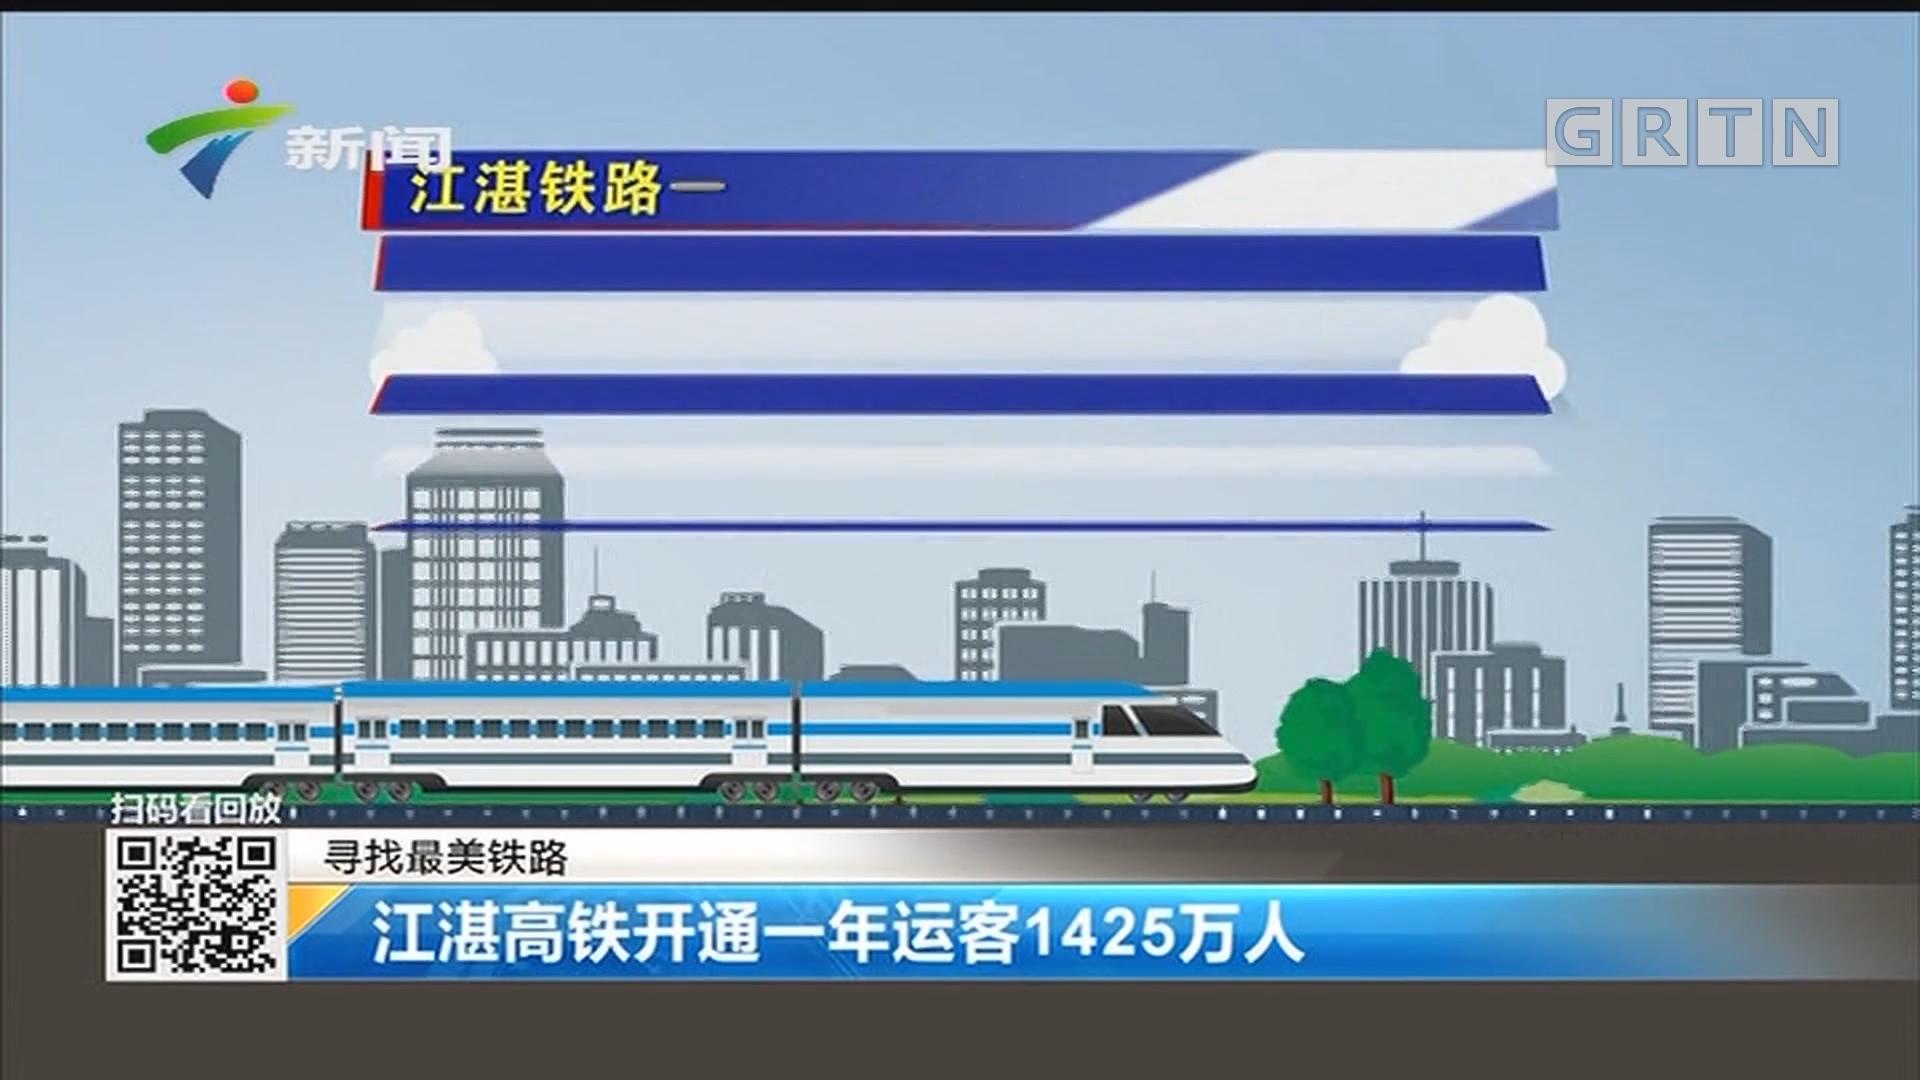 寻找最美铁路:江湛高铁开通一年运客1425万人